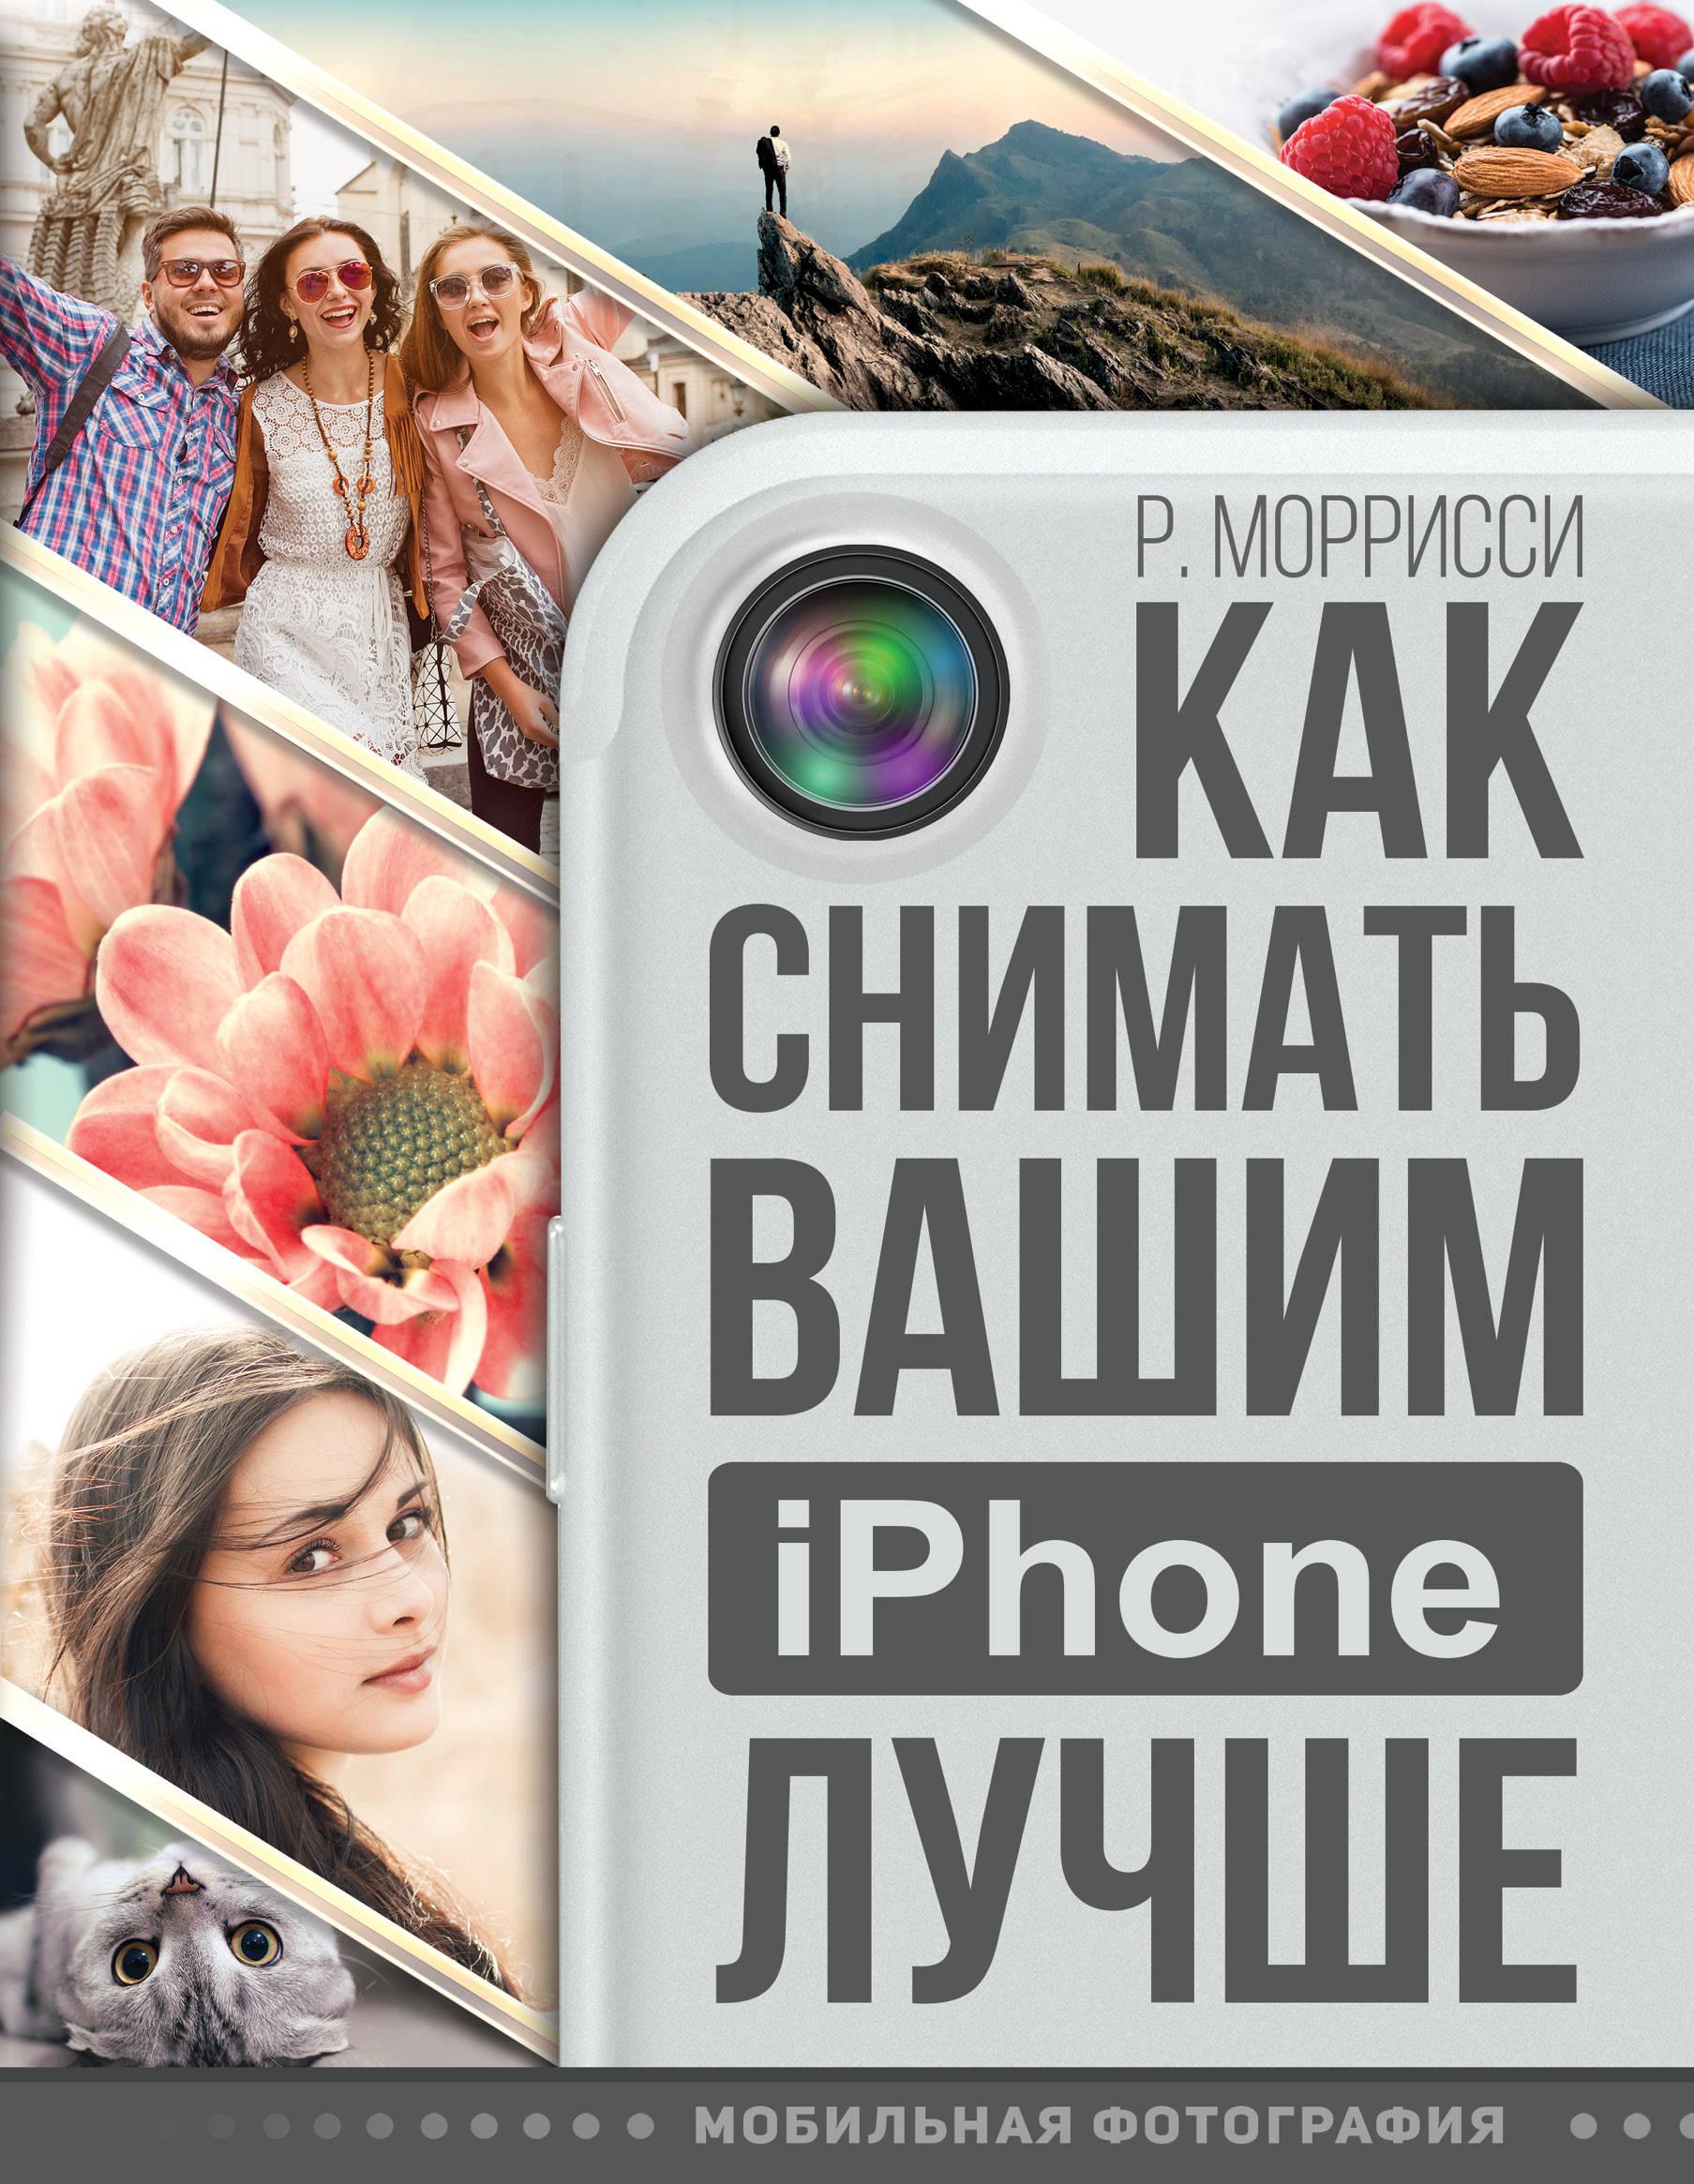 Как снимать вашим iPhone лучше ( Моррисси Роберт  )